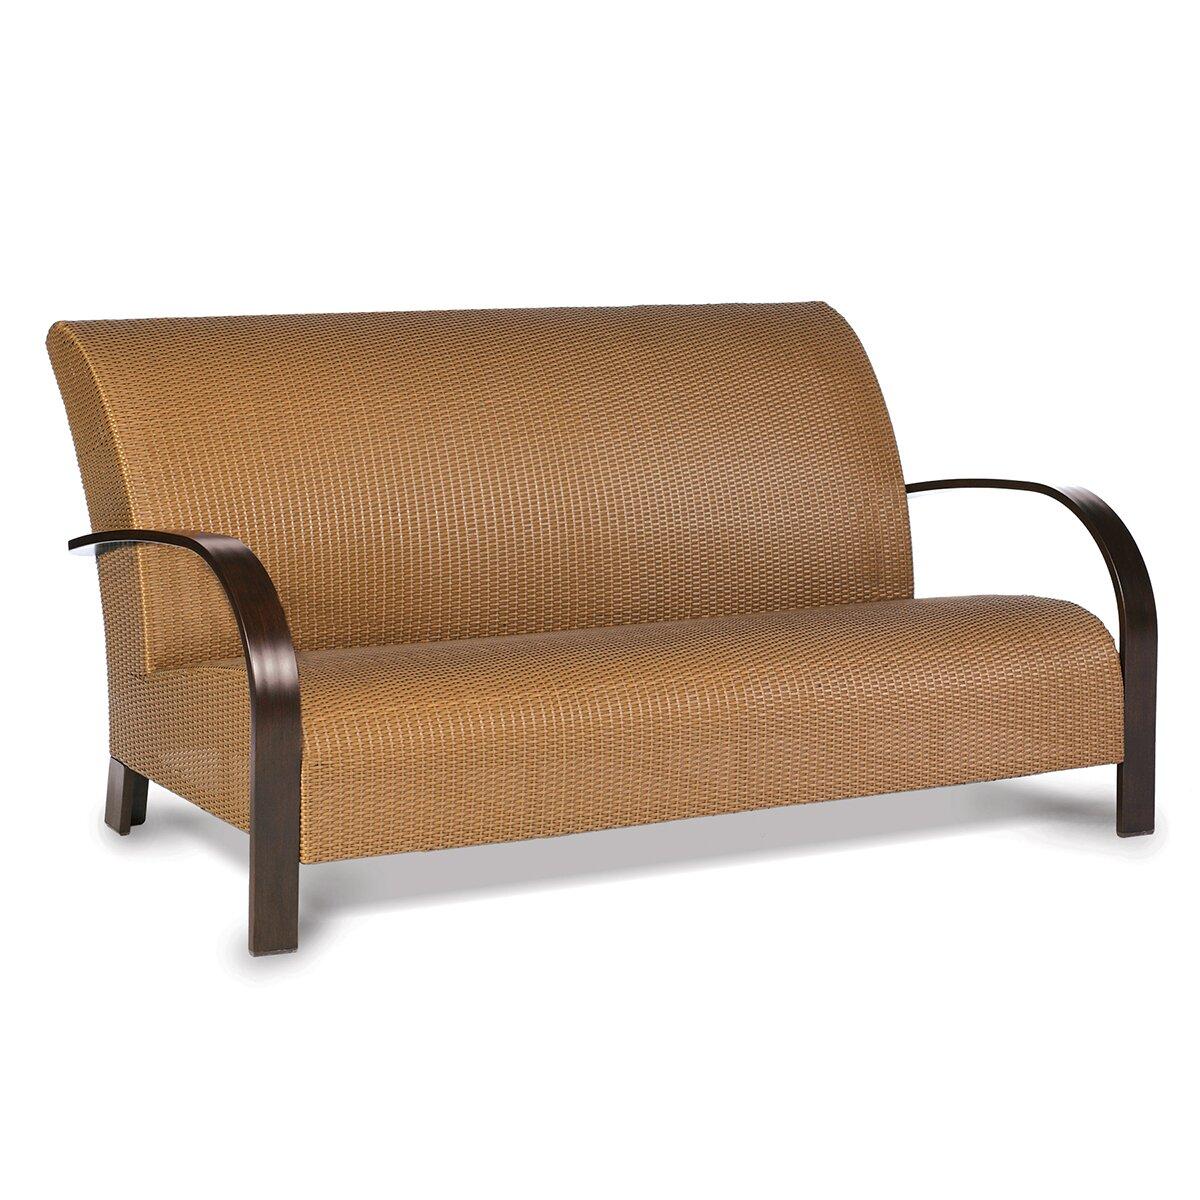 thos baker moderne sofa reviews wayfair. Black Bedroom Furniture Sets. Home Design Ideas